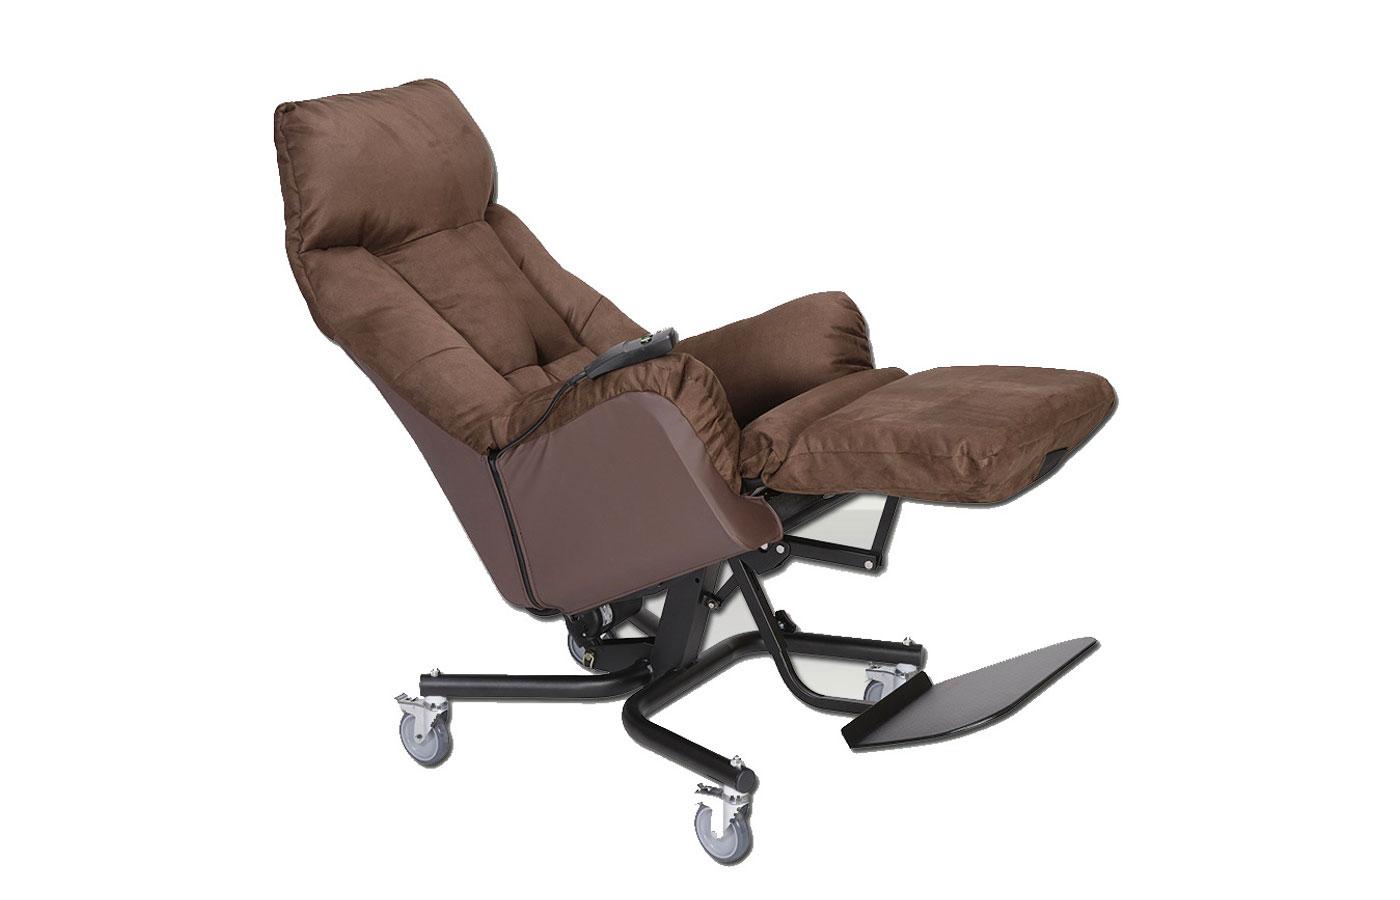 fauteuil-confort-releveur-coquille-confort-medical-de-la-vallee-bethisy-saint-pierre-crepy-en-vallois-compiegne